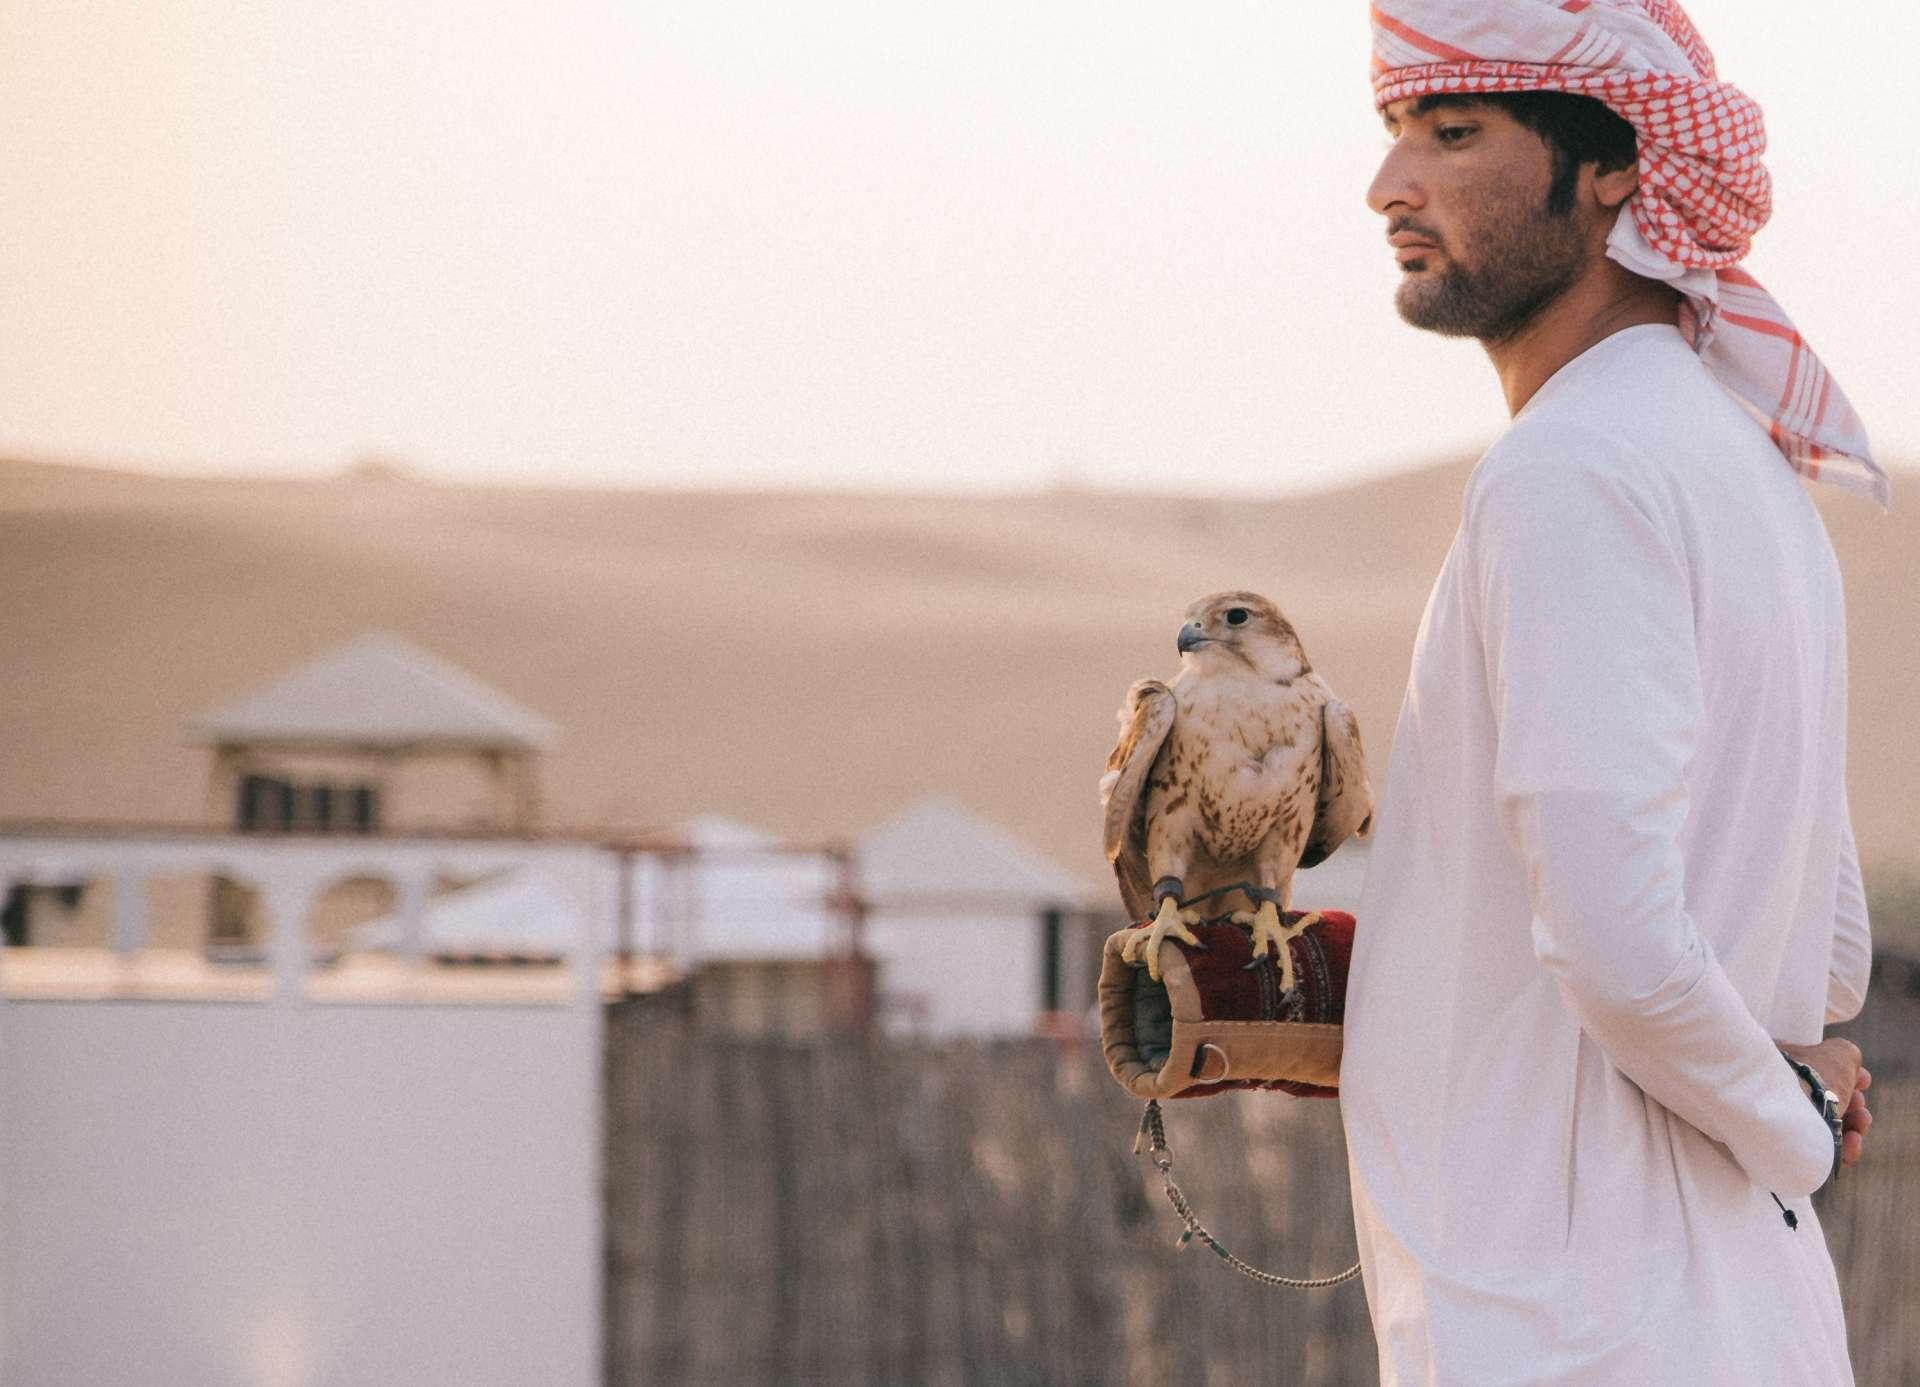 Hombres de rasgos árabes para figuración en Madrid